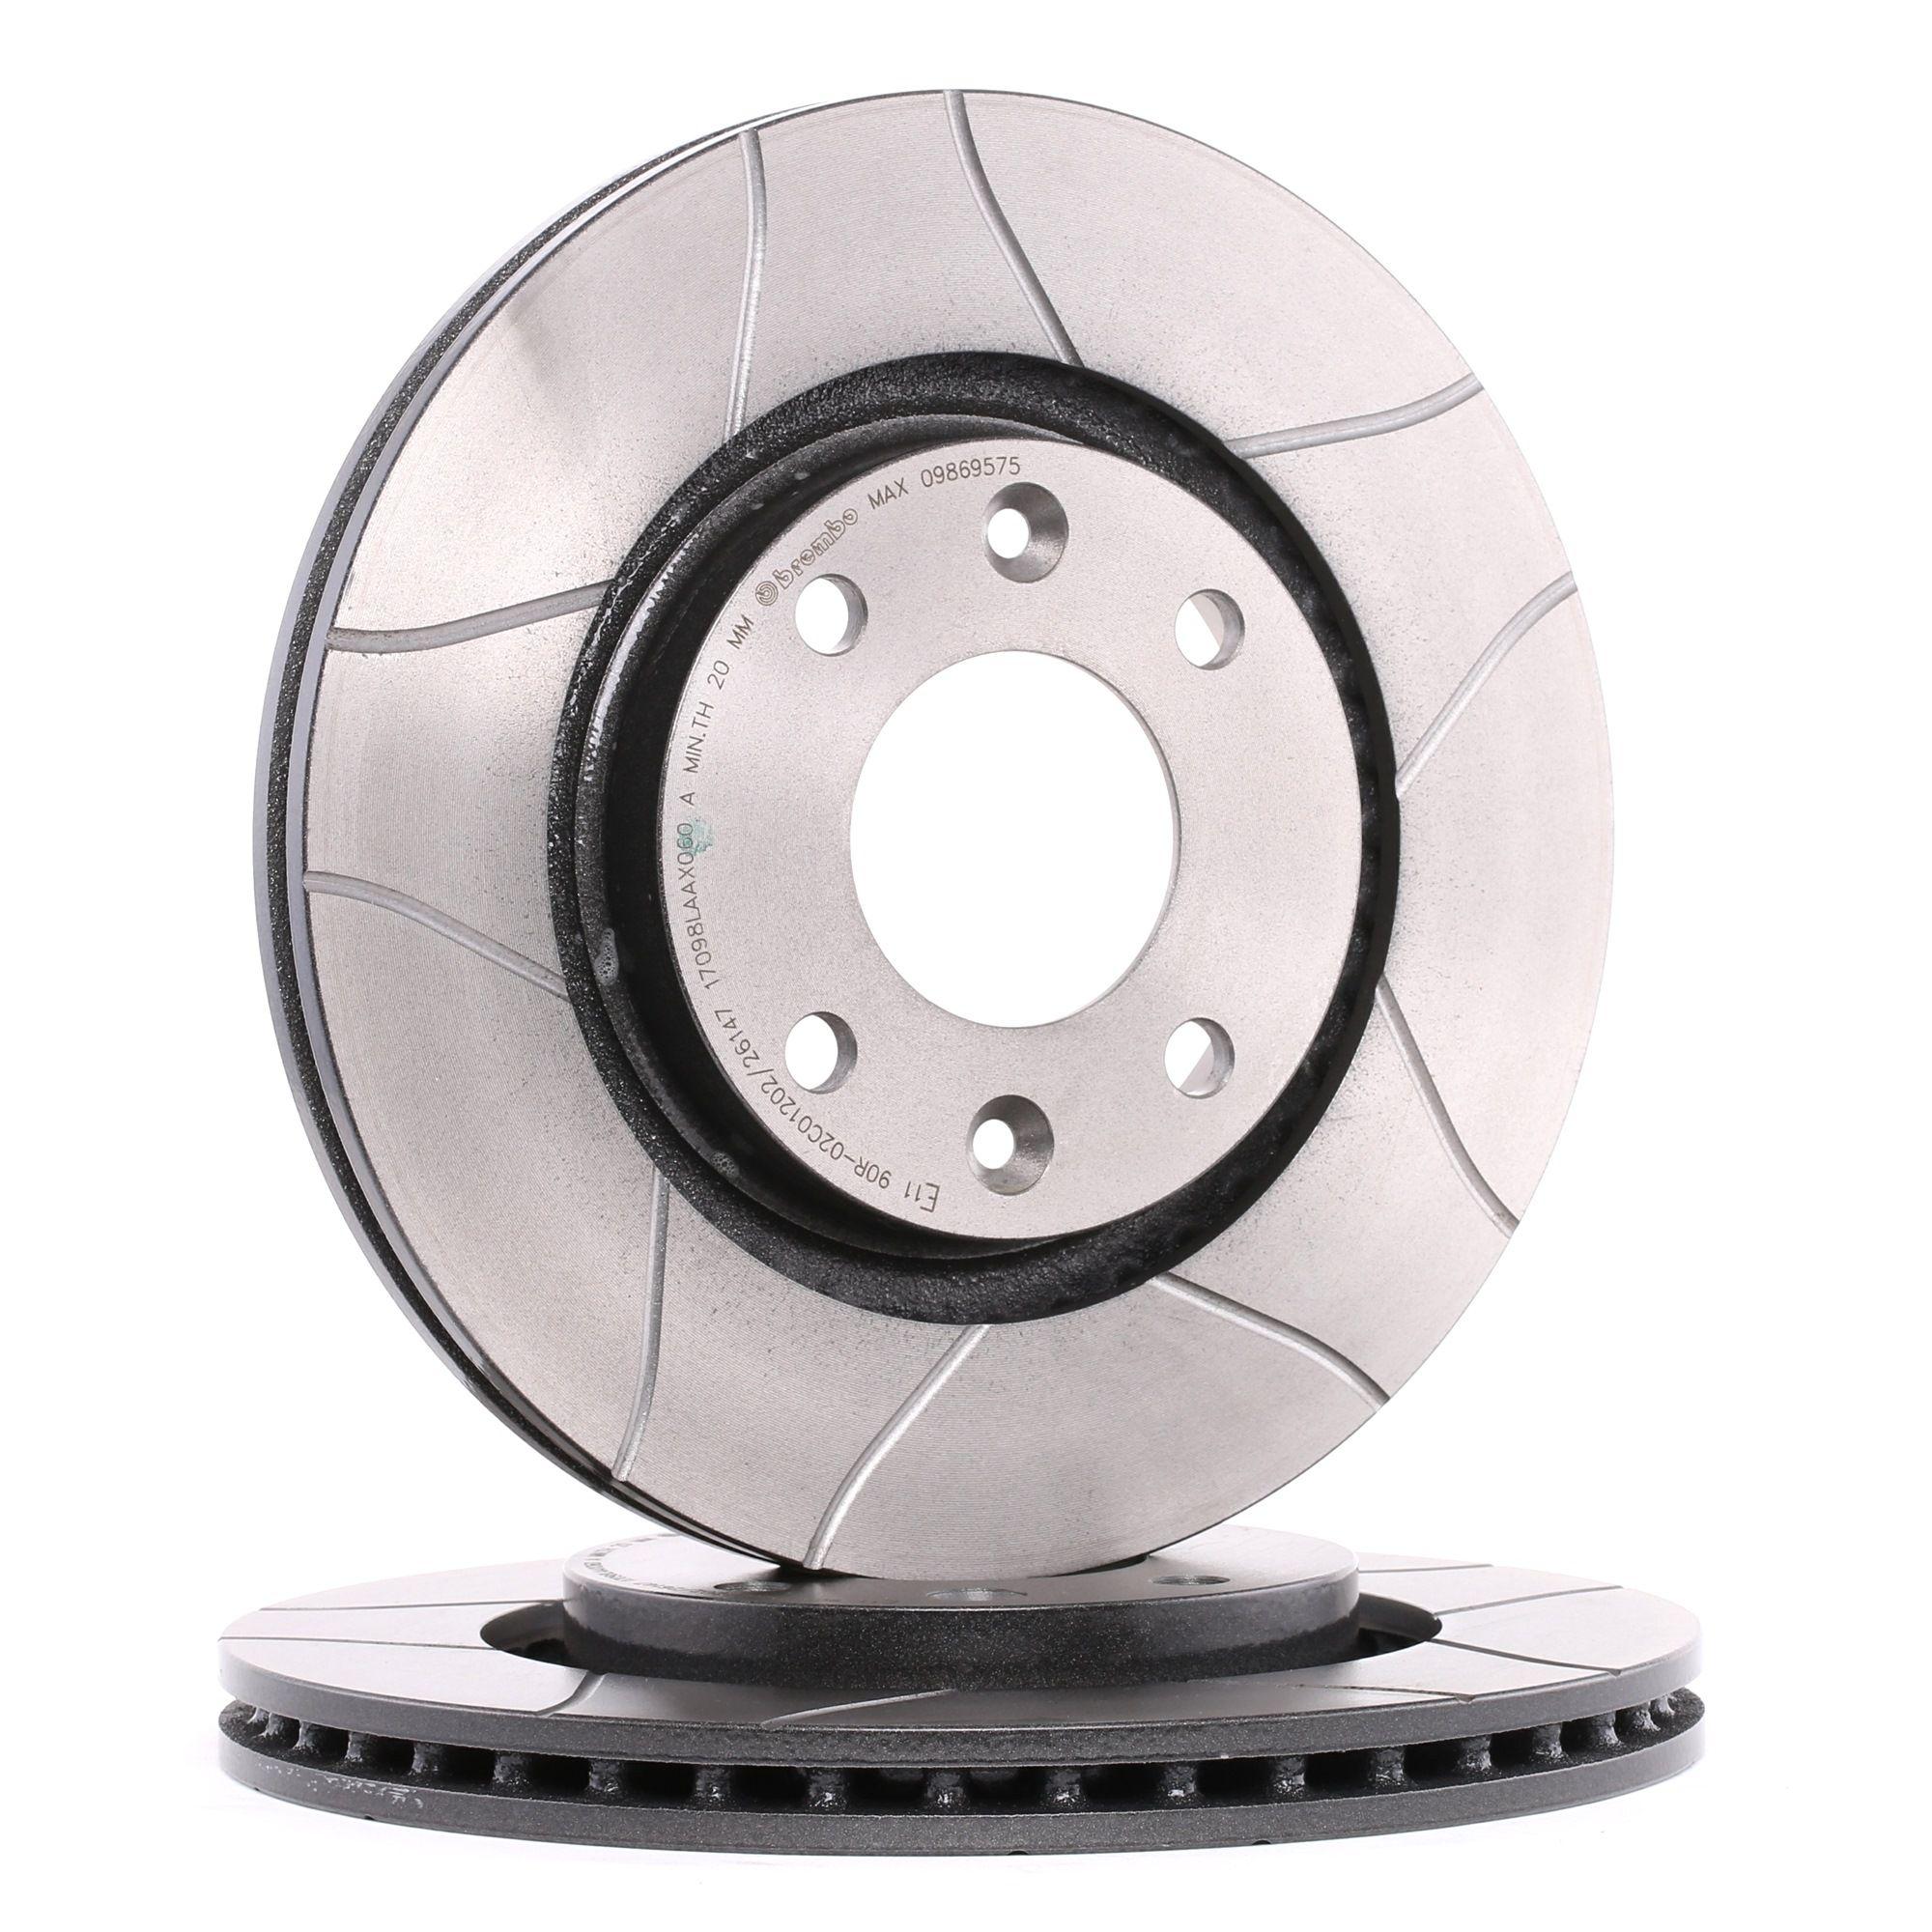 Achetez Disque BREMBO 09.8695.75 (Ø: 266mm, Nbre de trous: 4, Épaisseur du disque de frein: 22mm) à un rapport qualité-prix exceptionnel